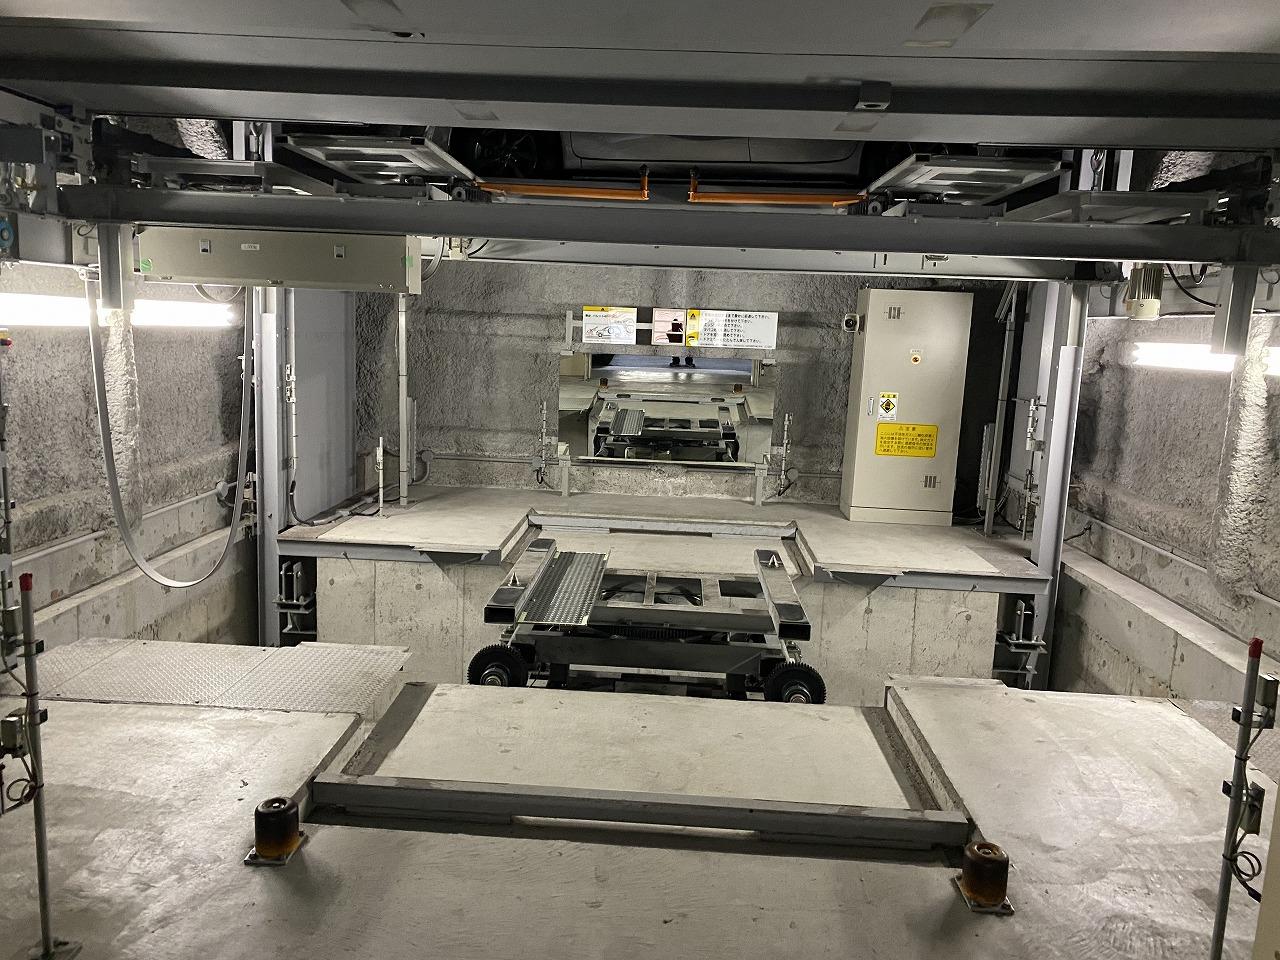 2019年12月度 9件の立体駐車場メンテナンス新規受託を頂きました!